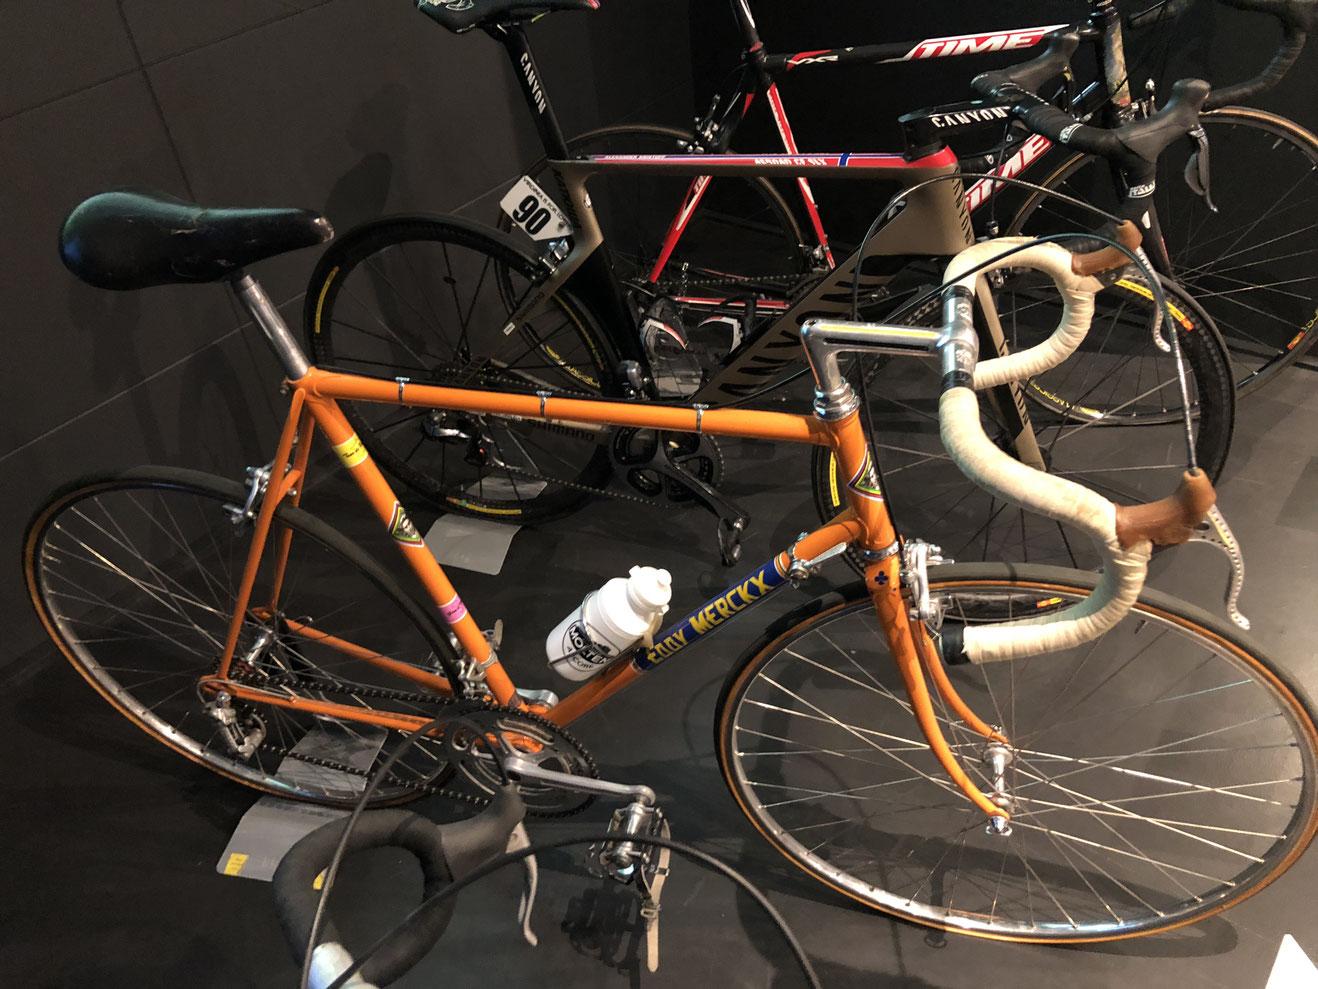 Die Evolution des Materials, vom Stahlrenner Eddy Merckx' aus den 1960/70ern bis zum Carbon-Geschoss von Alexander Kristoff, der 2015 siegte.